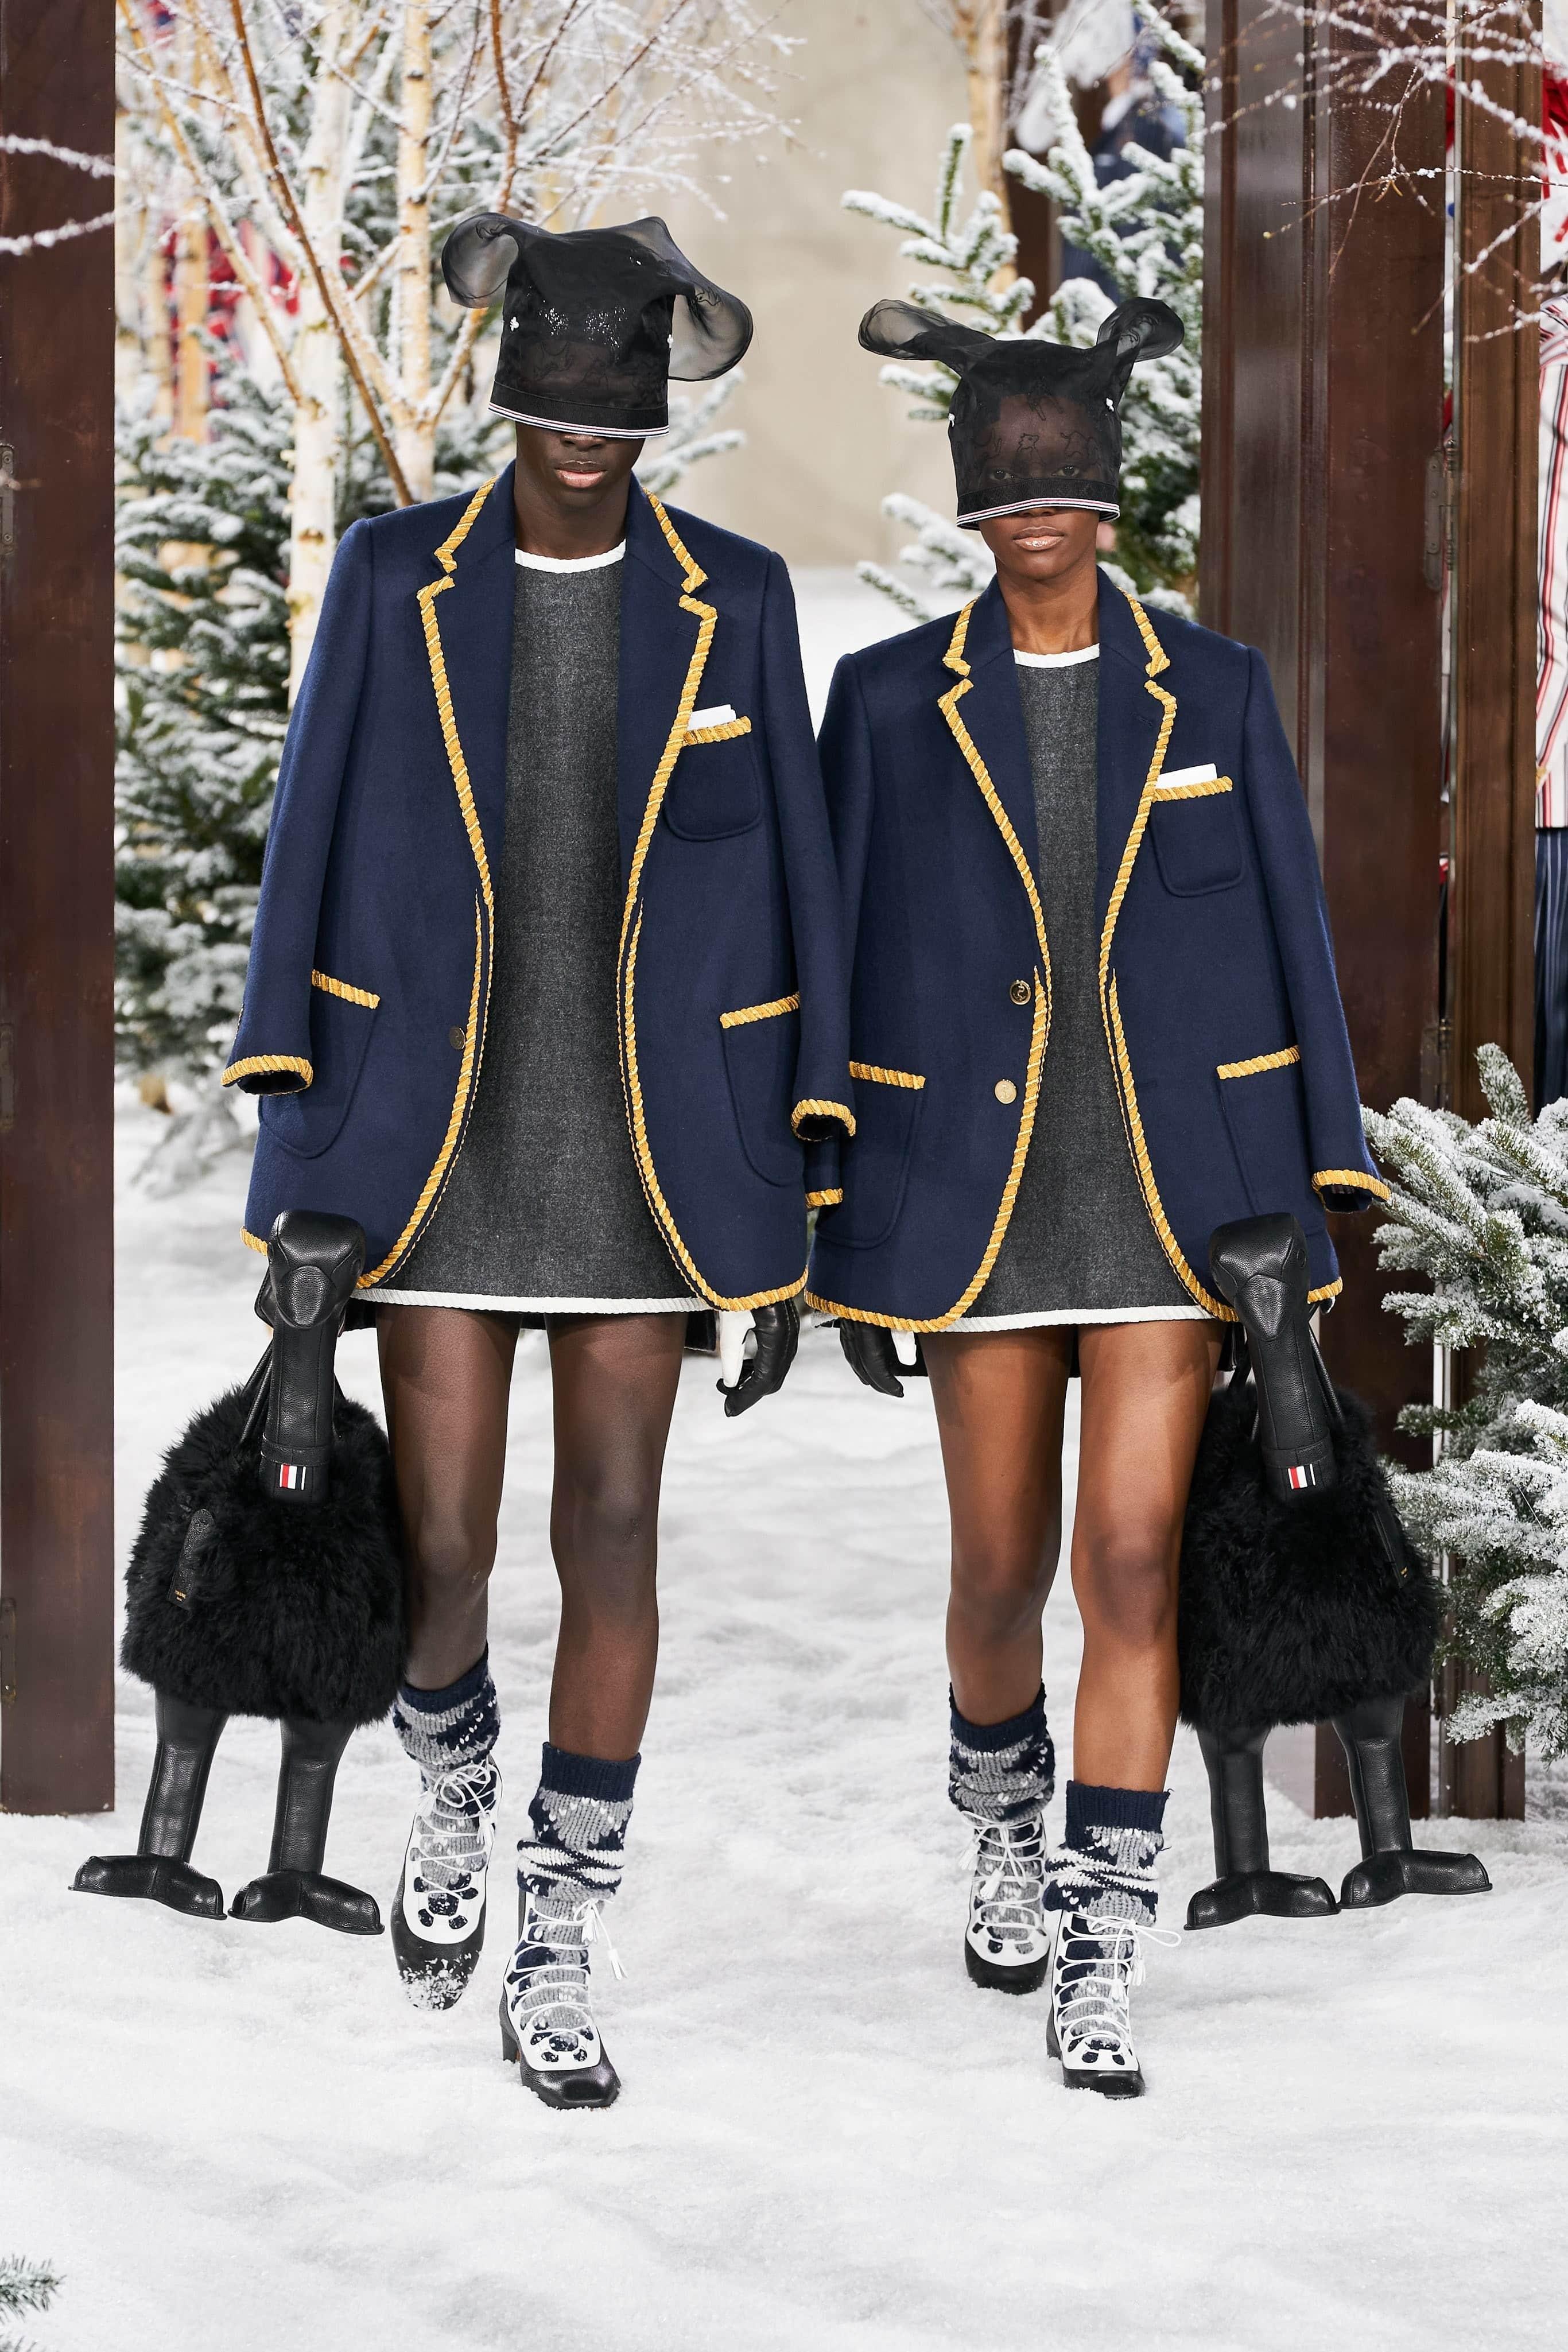 Người mẫu đội đầu thú lên trình diễn thời trang tại Paris Fashion Week - 4